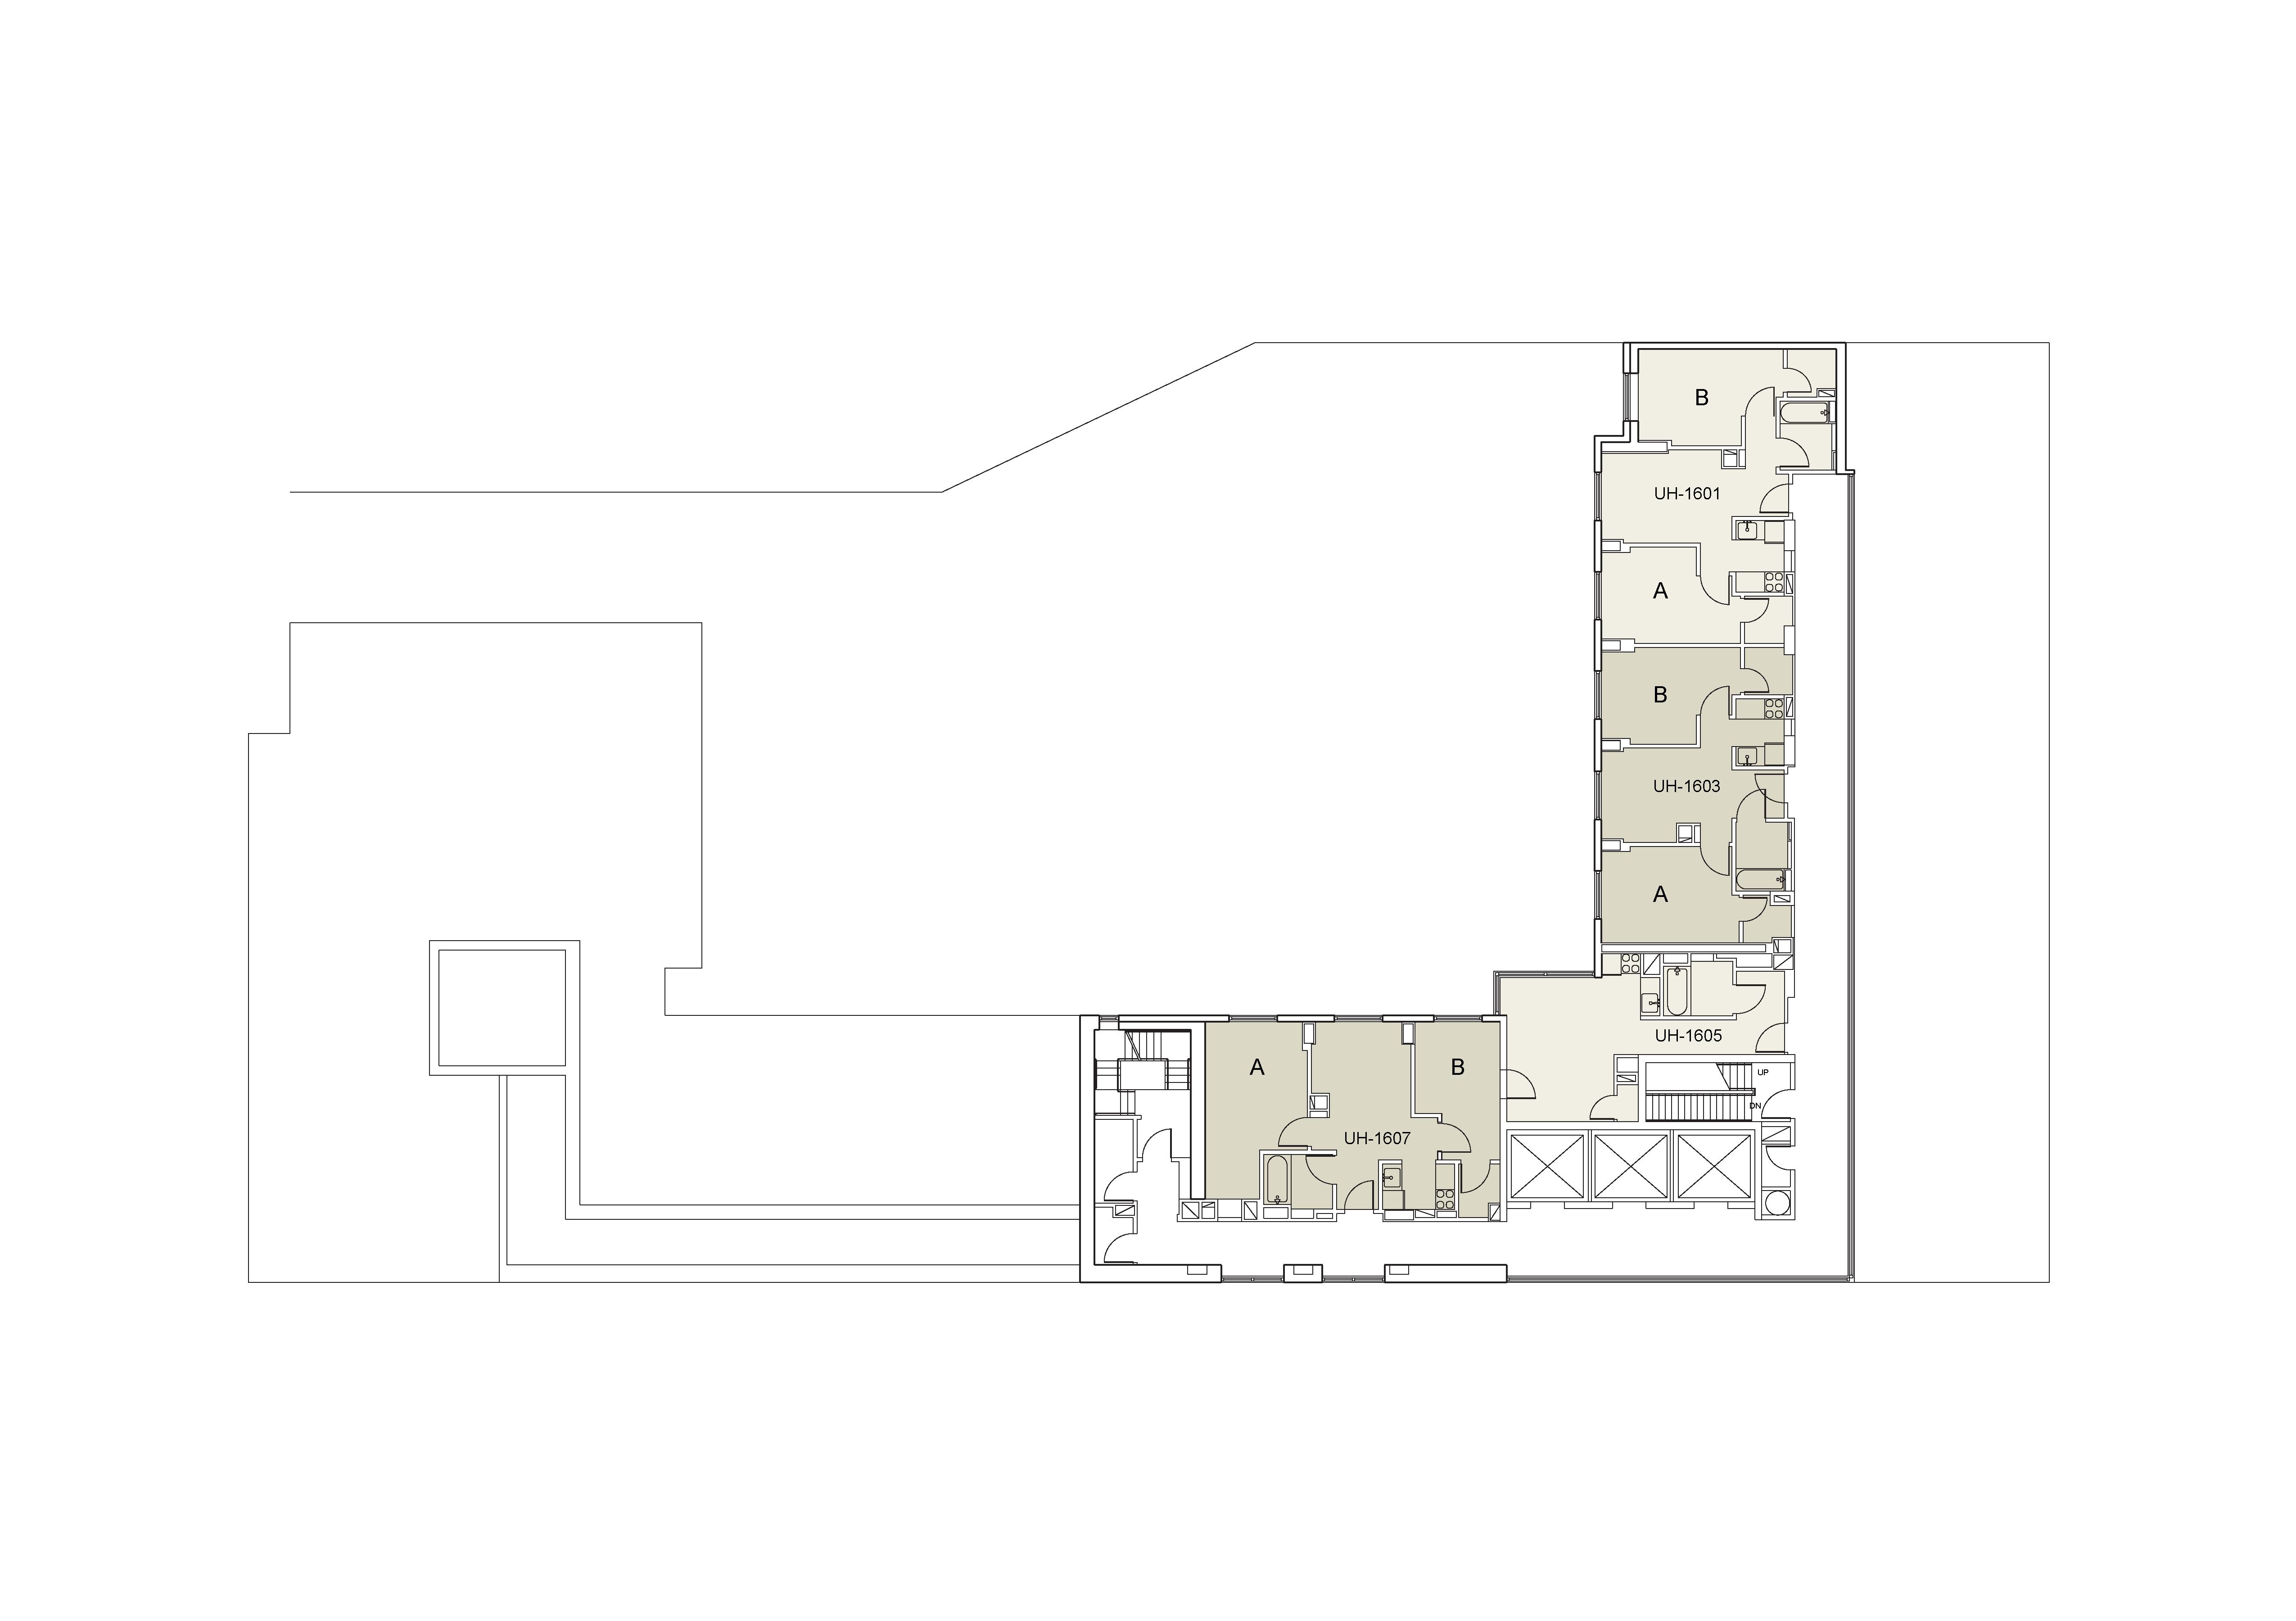 Floor plan for U Hall Floor 16